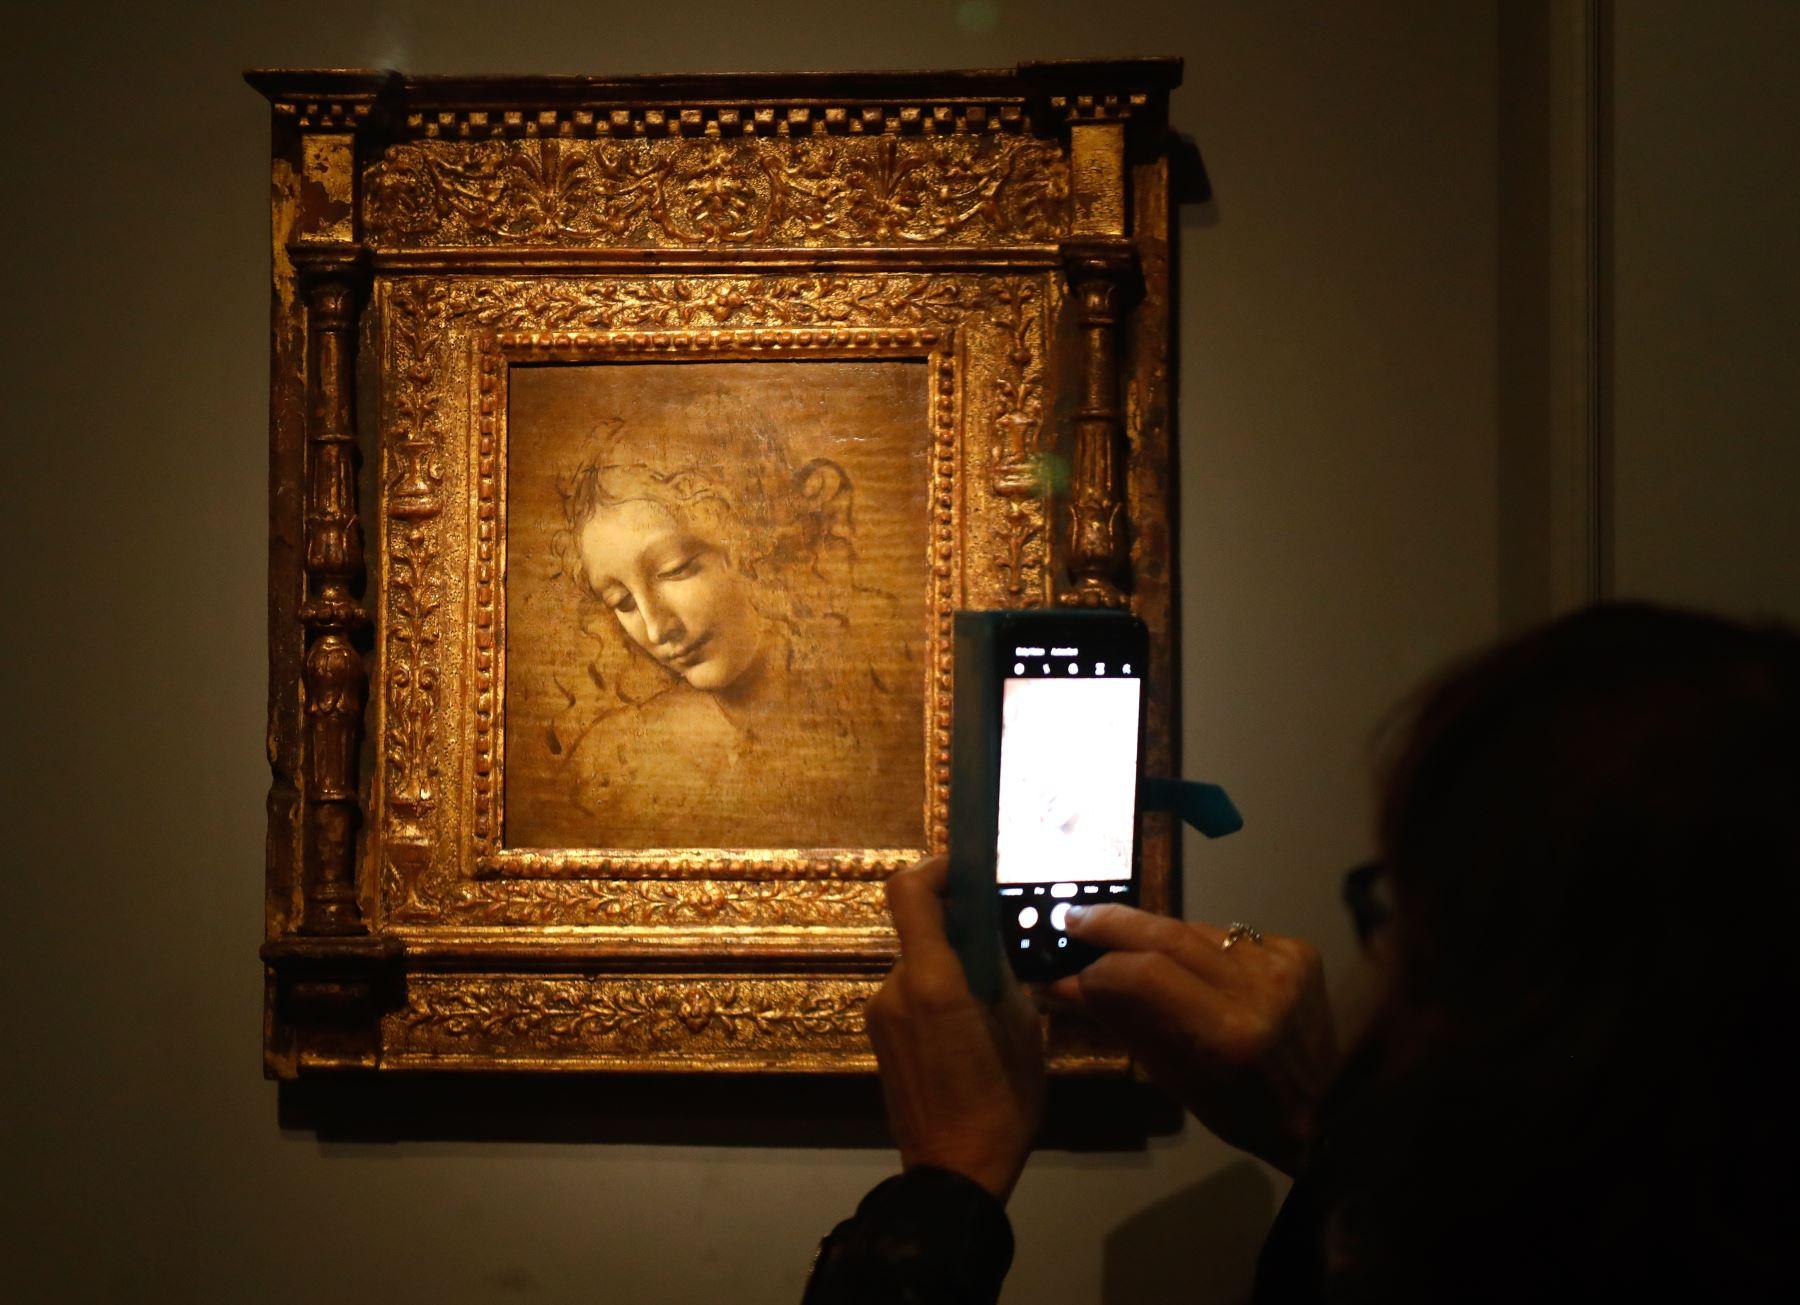 """Una persona toma una fotografía con un teléfono móvil en una pintura al óleo sobre madera de """"La cabeza de una mujer"""" de Leonardo da Vinci, también conocida como La Scapigliata, durante la inauguración de la exposición """"Leonardo da Vinci"""". Foto: AFP"""